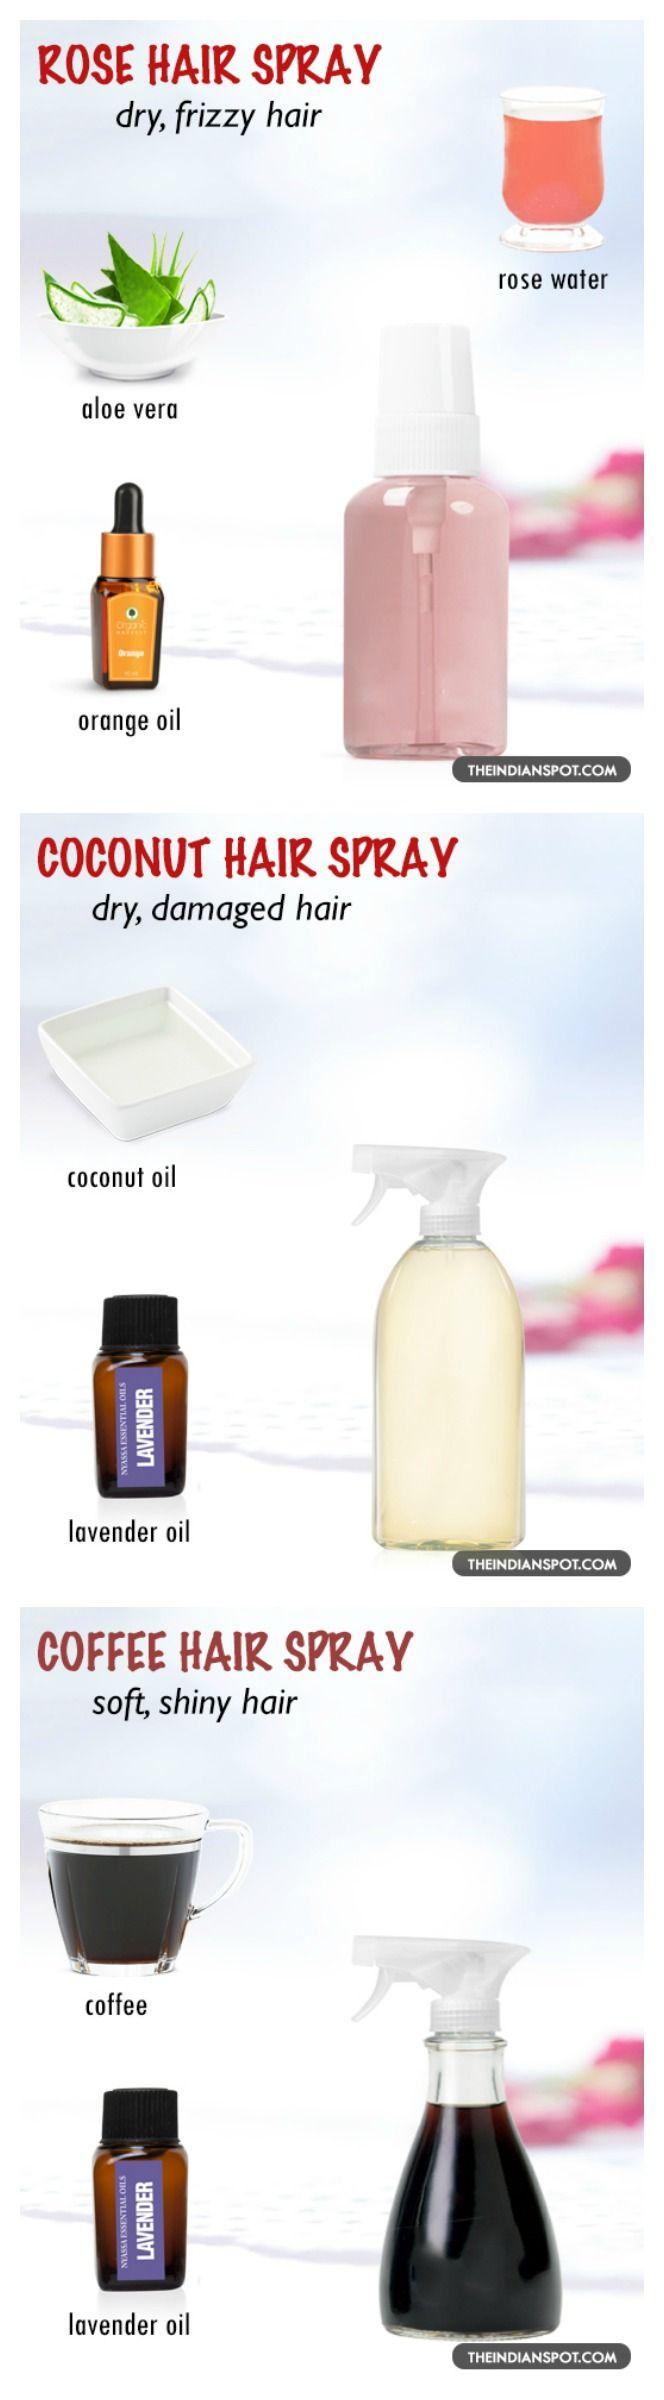 Rose aloe hair spray